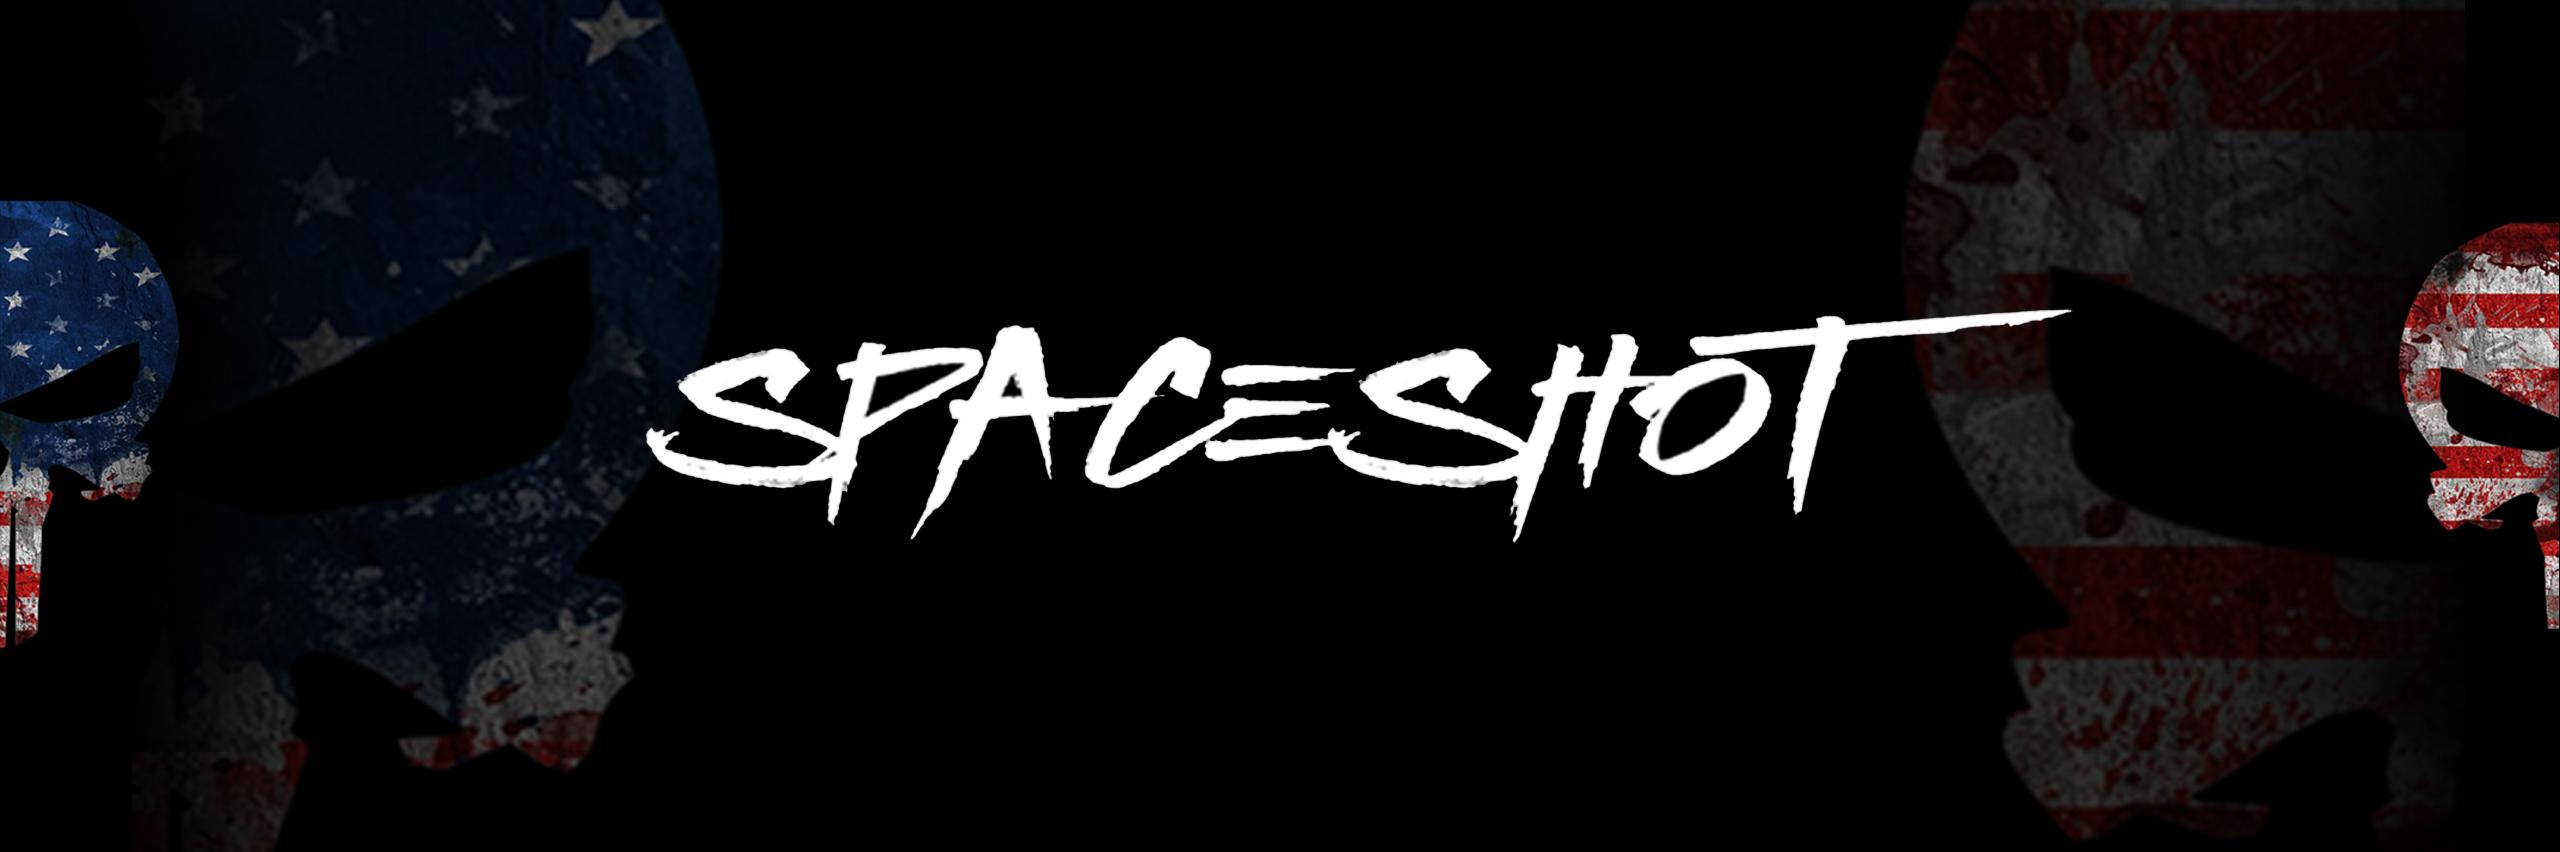 Spaceshot-header2